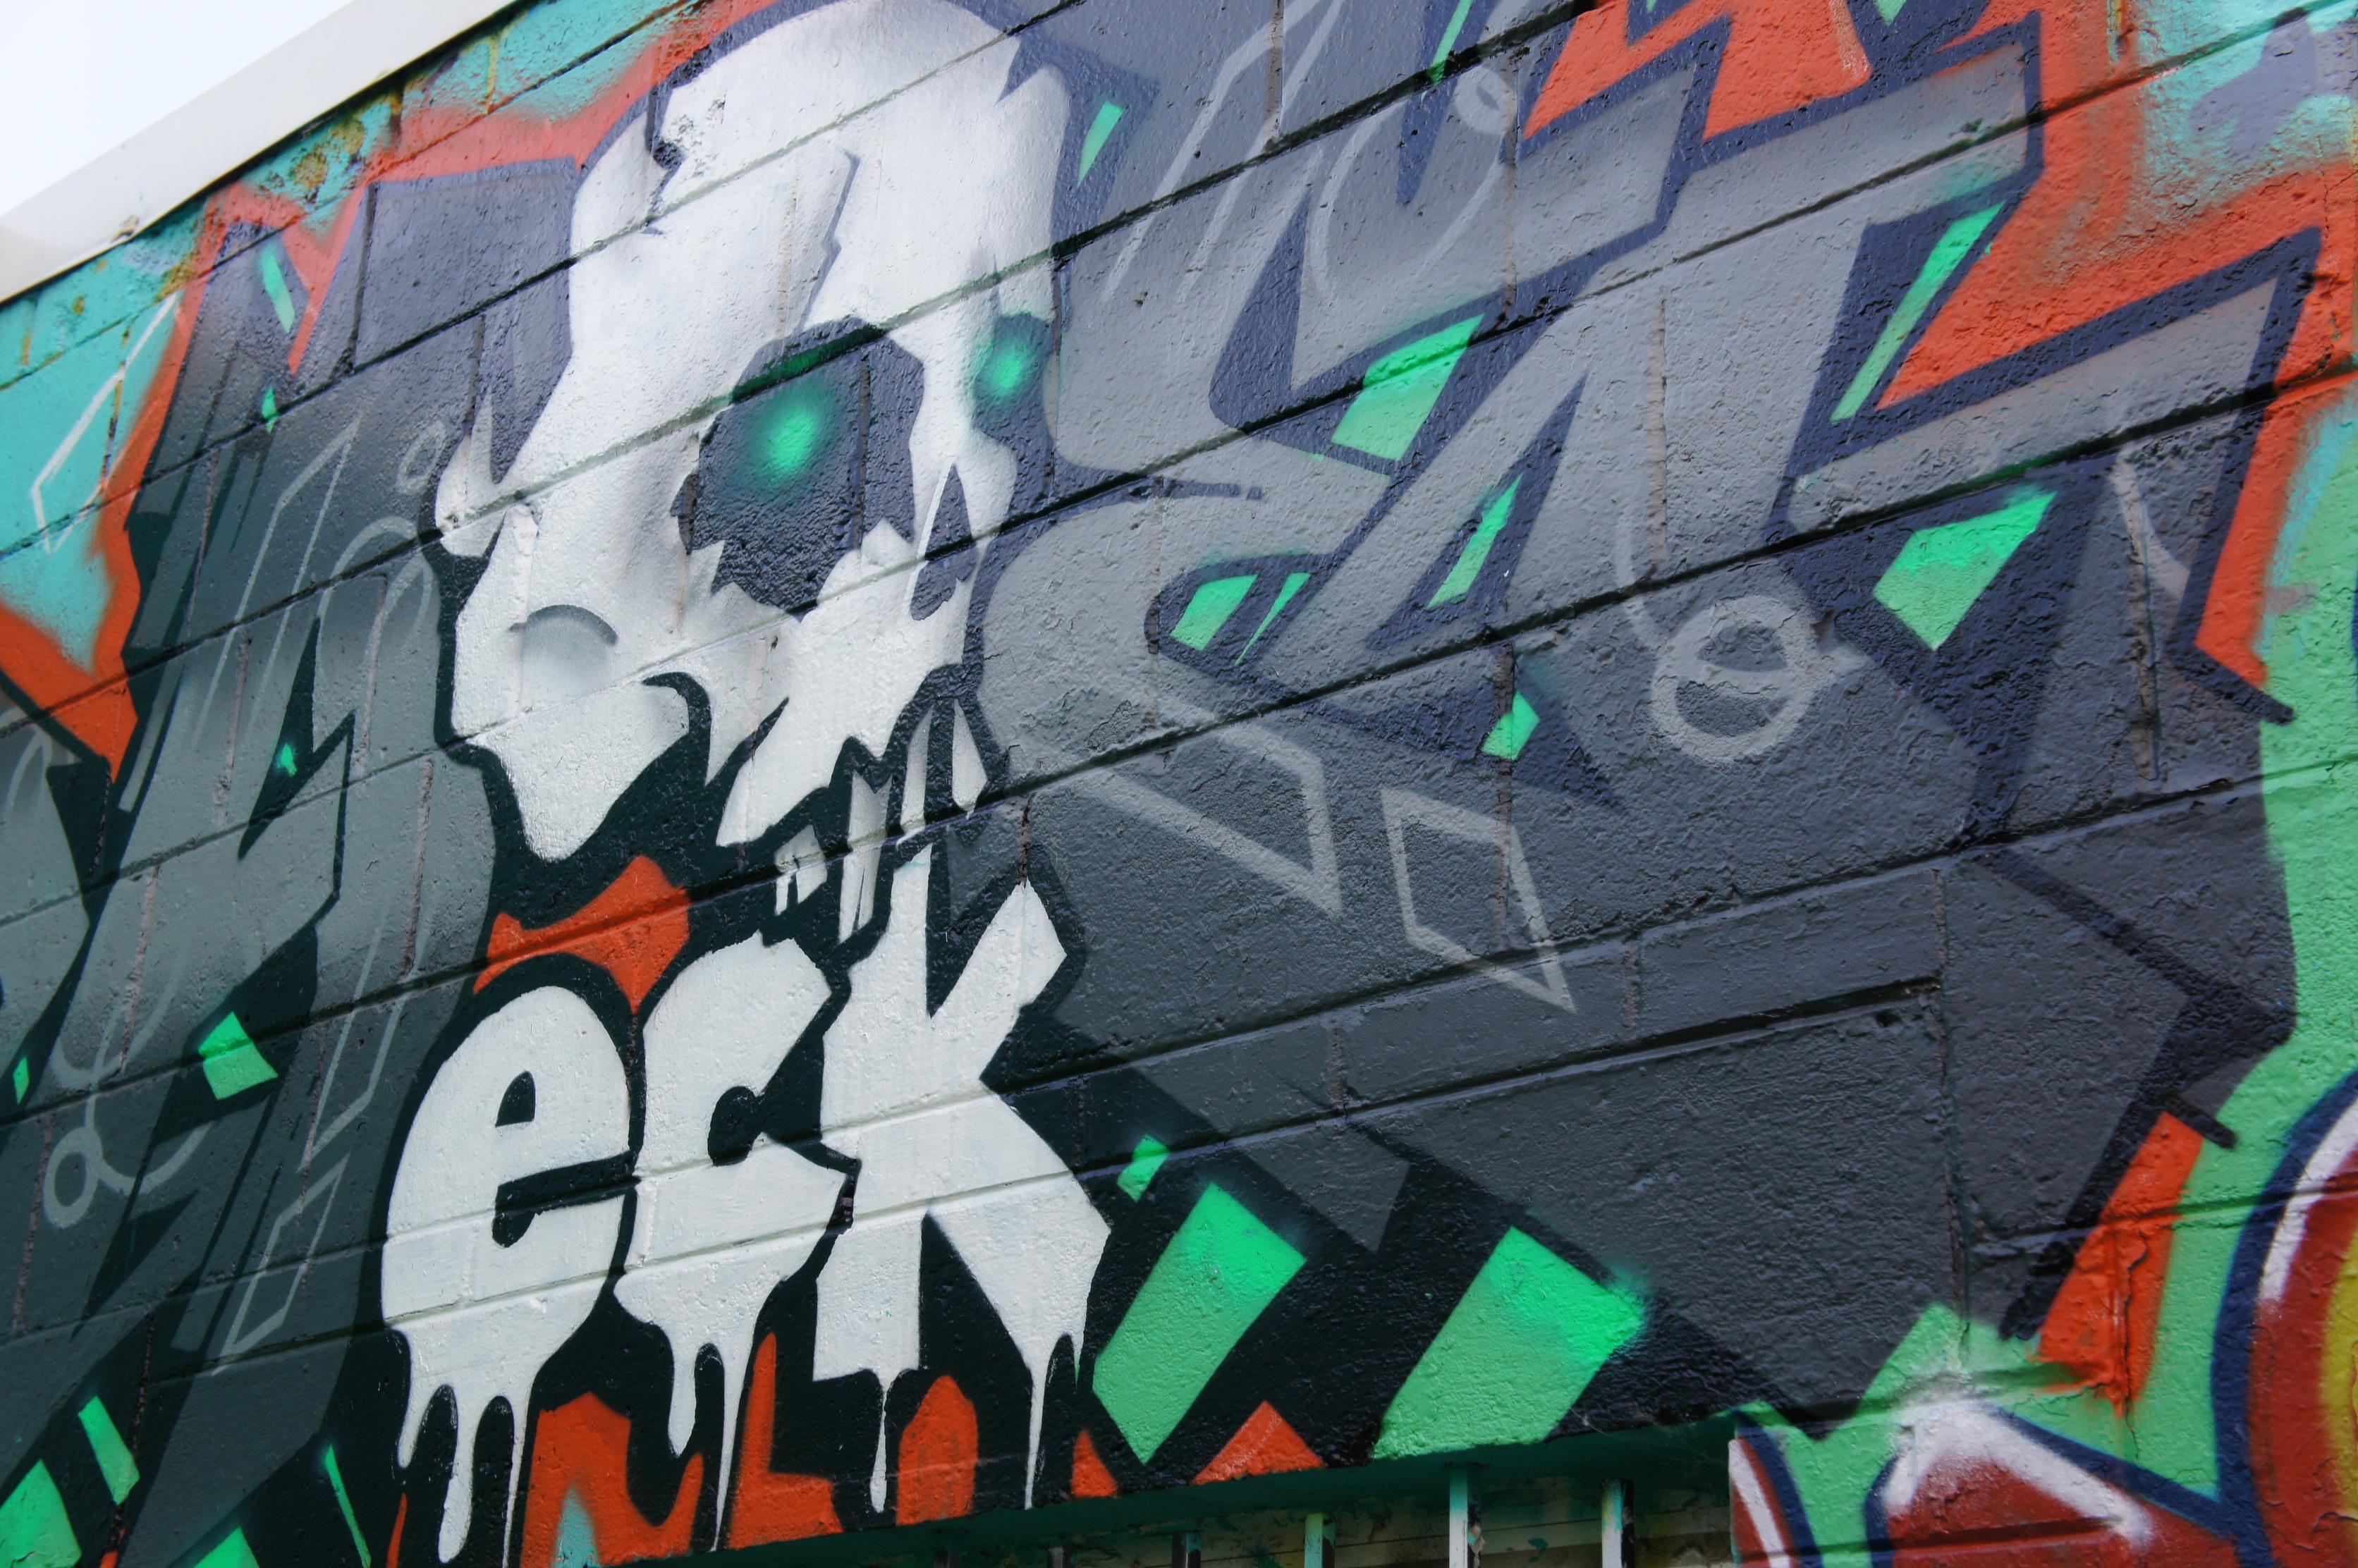 Arlington Graffiti